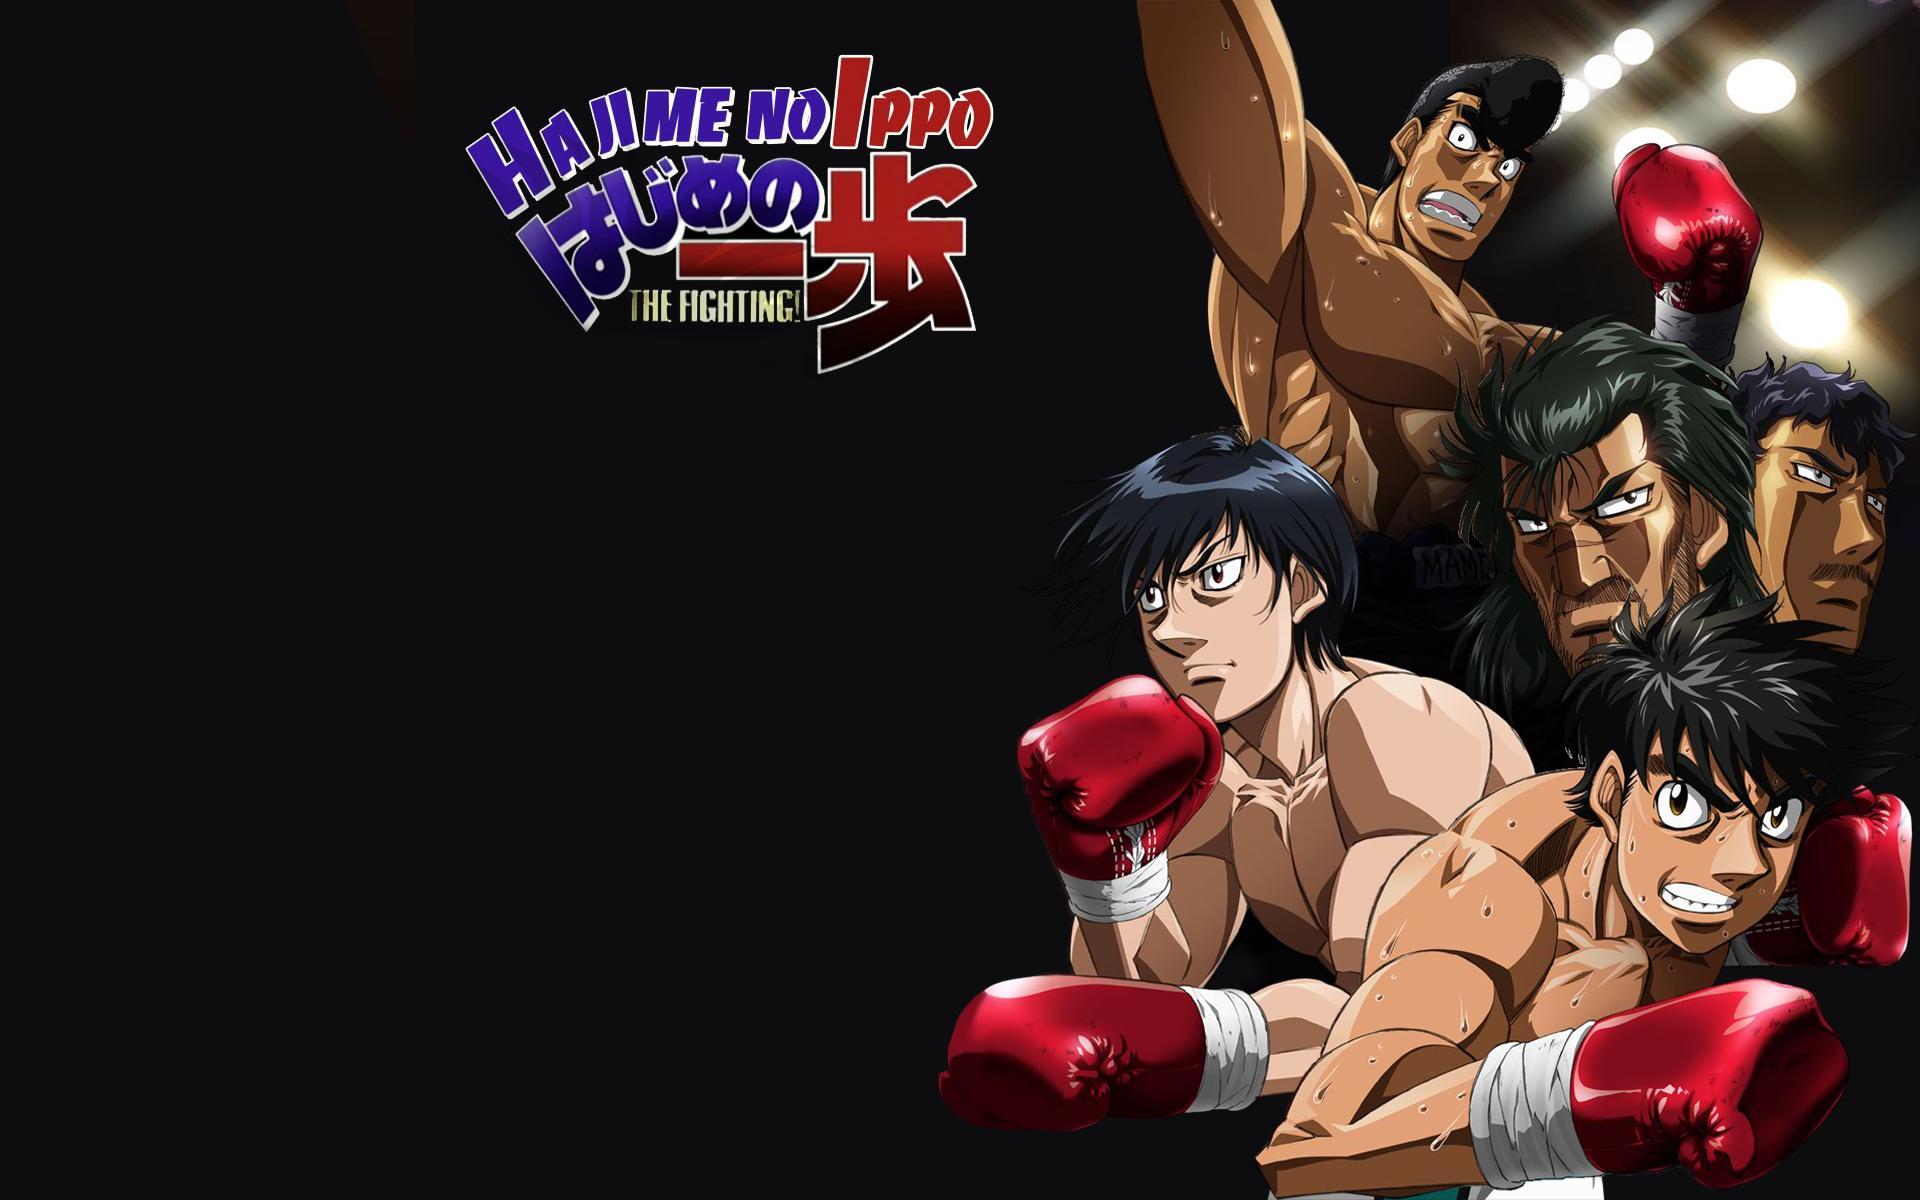 Hajime no ippo dvd cover